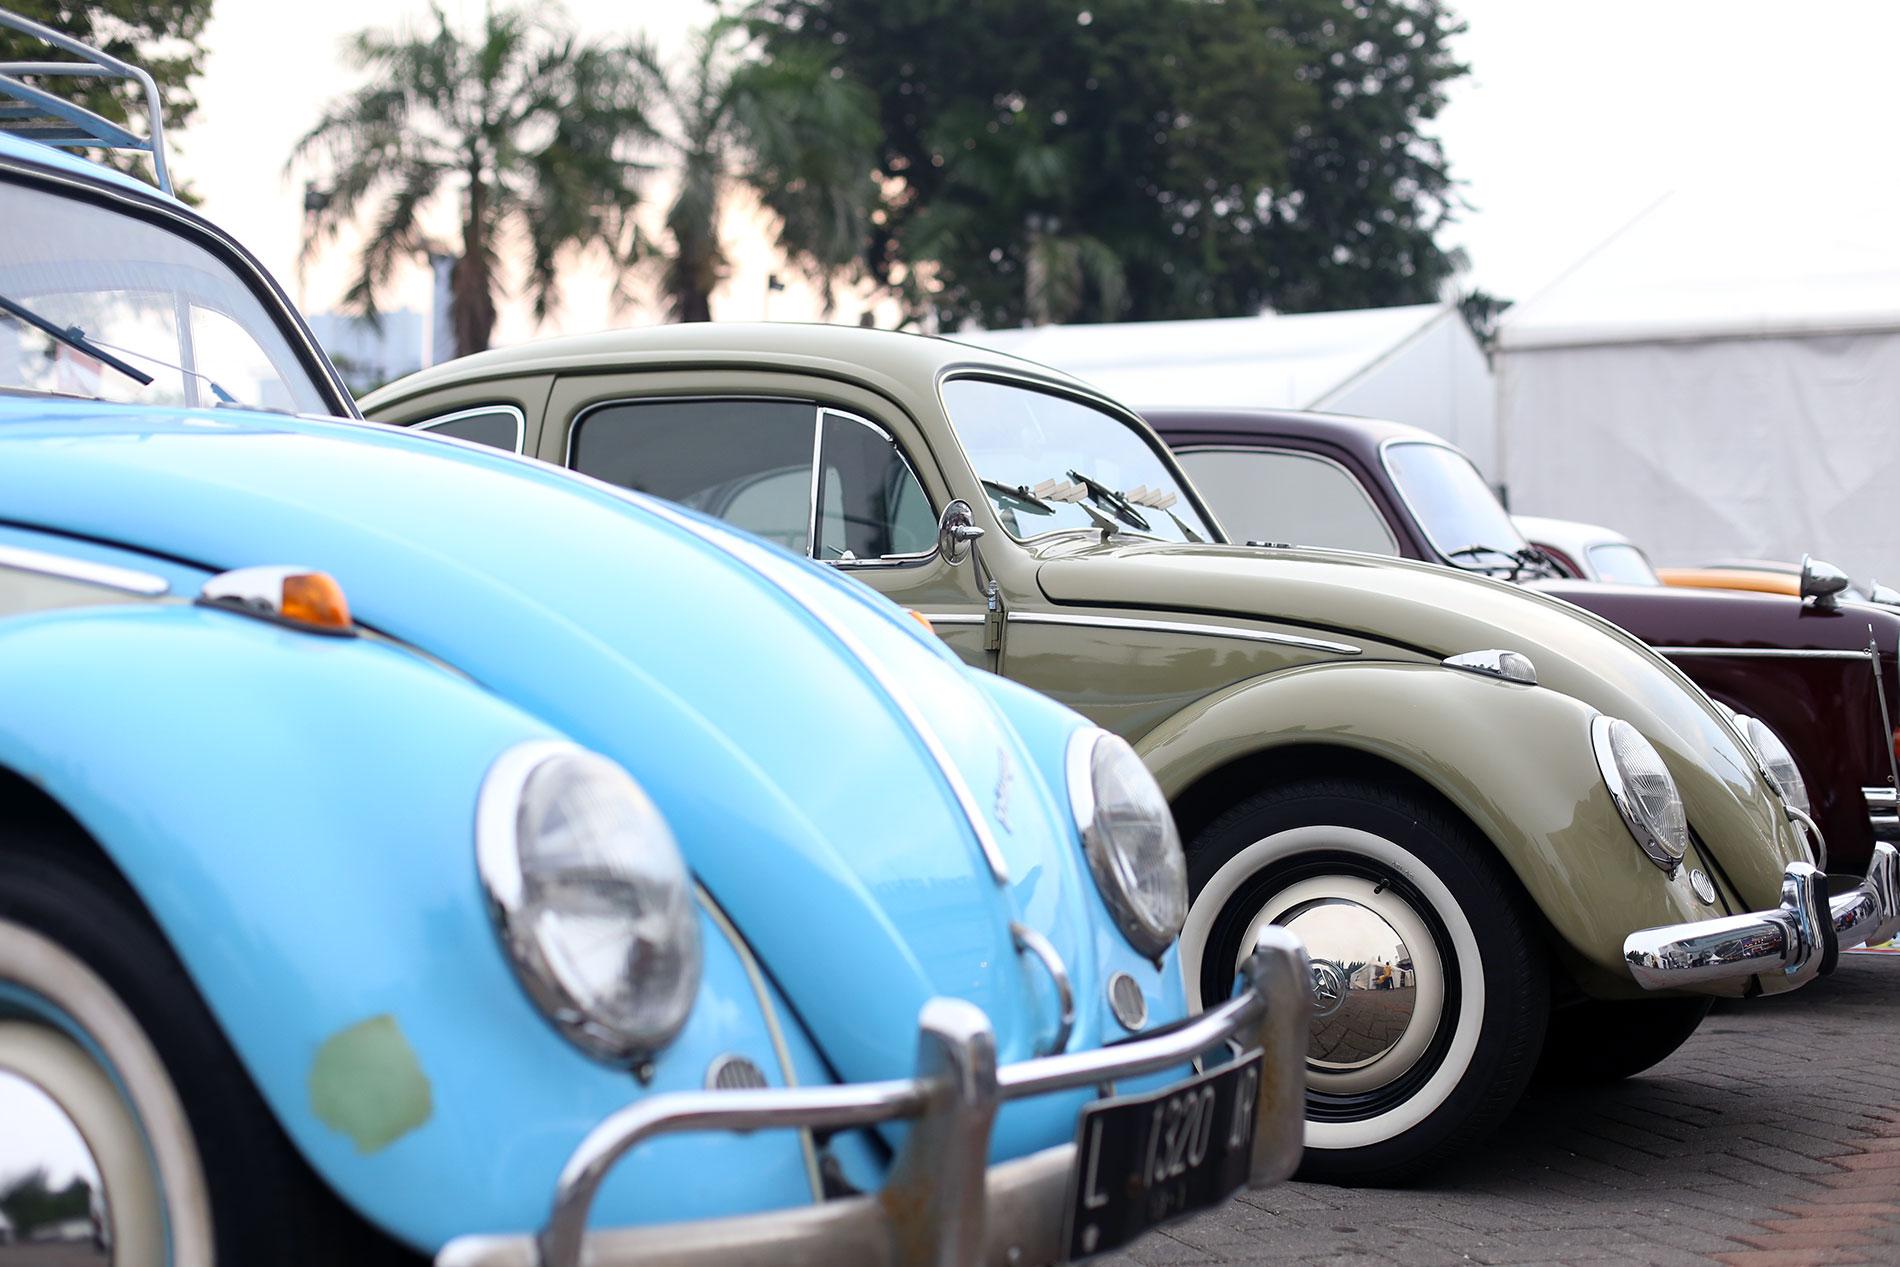 Mau Lihat Kendaraan Keren Mejeng? Yuk ke GIIAS Surabaya 2020!